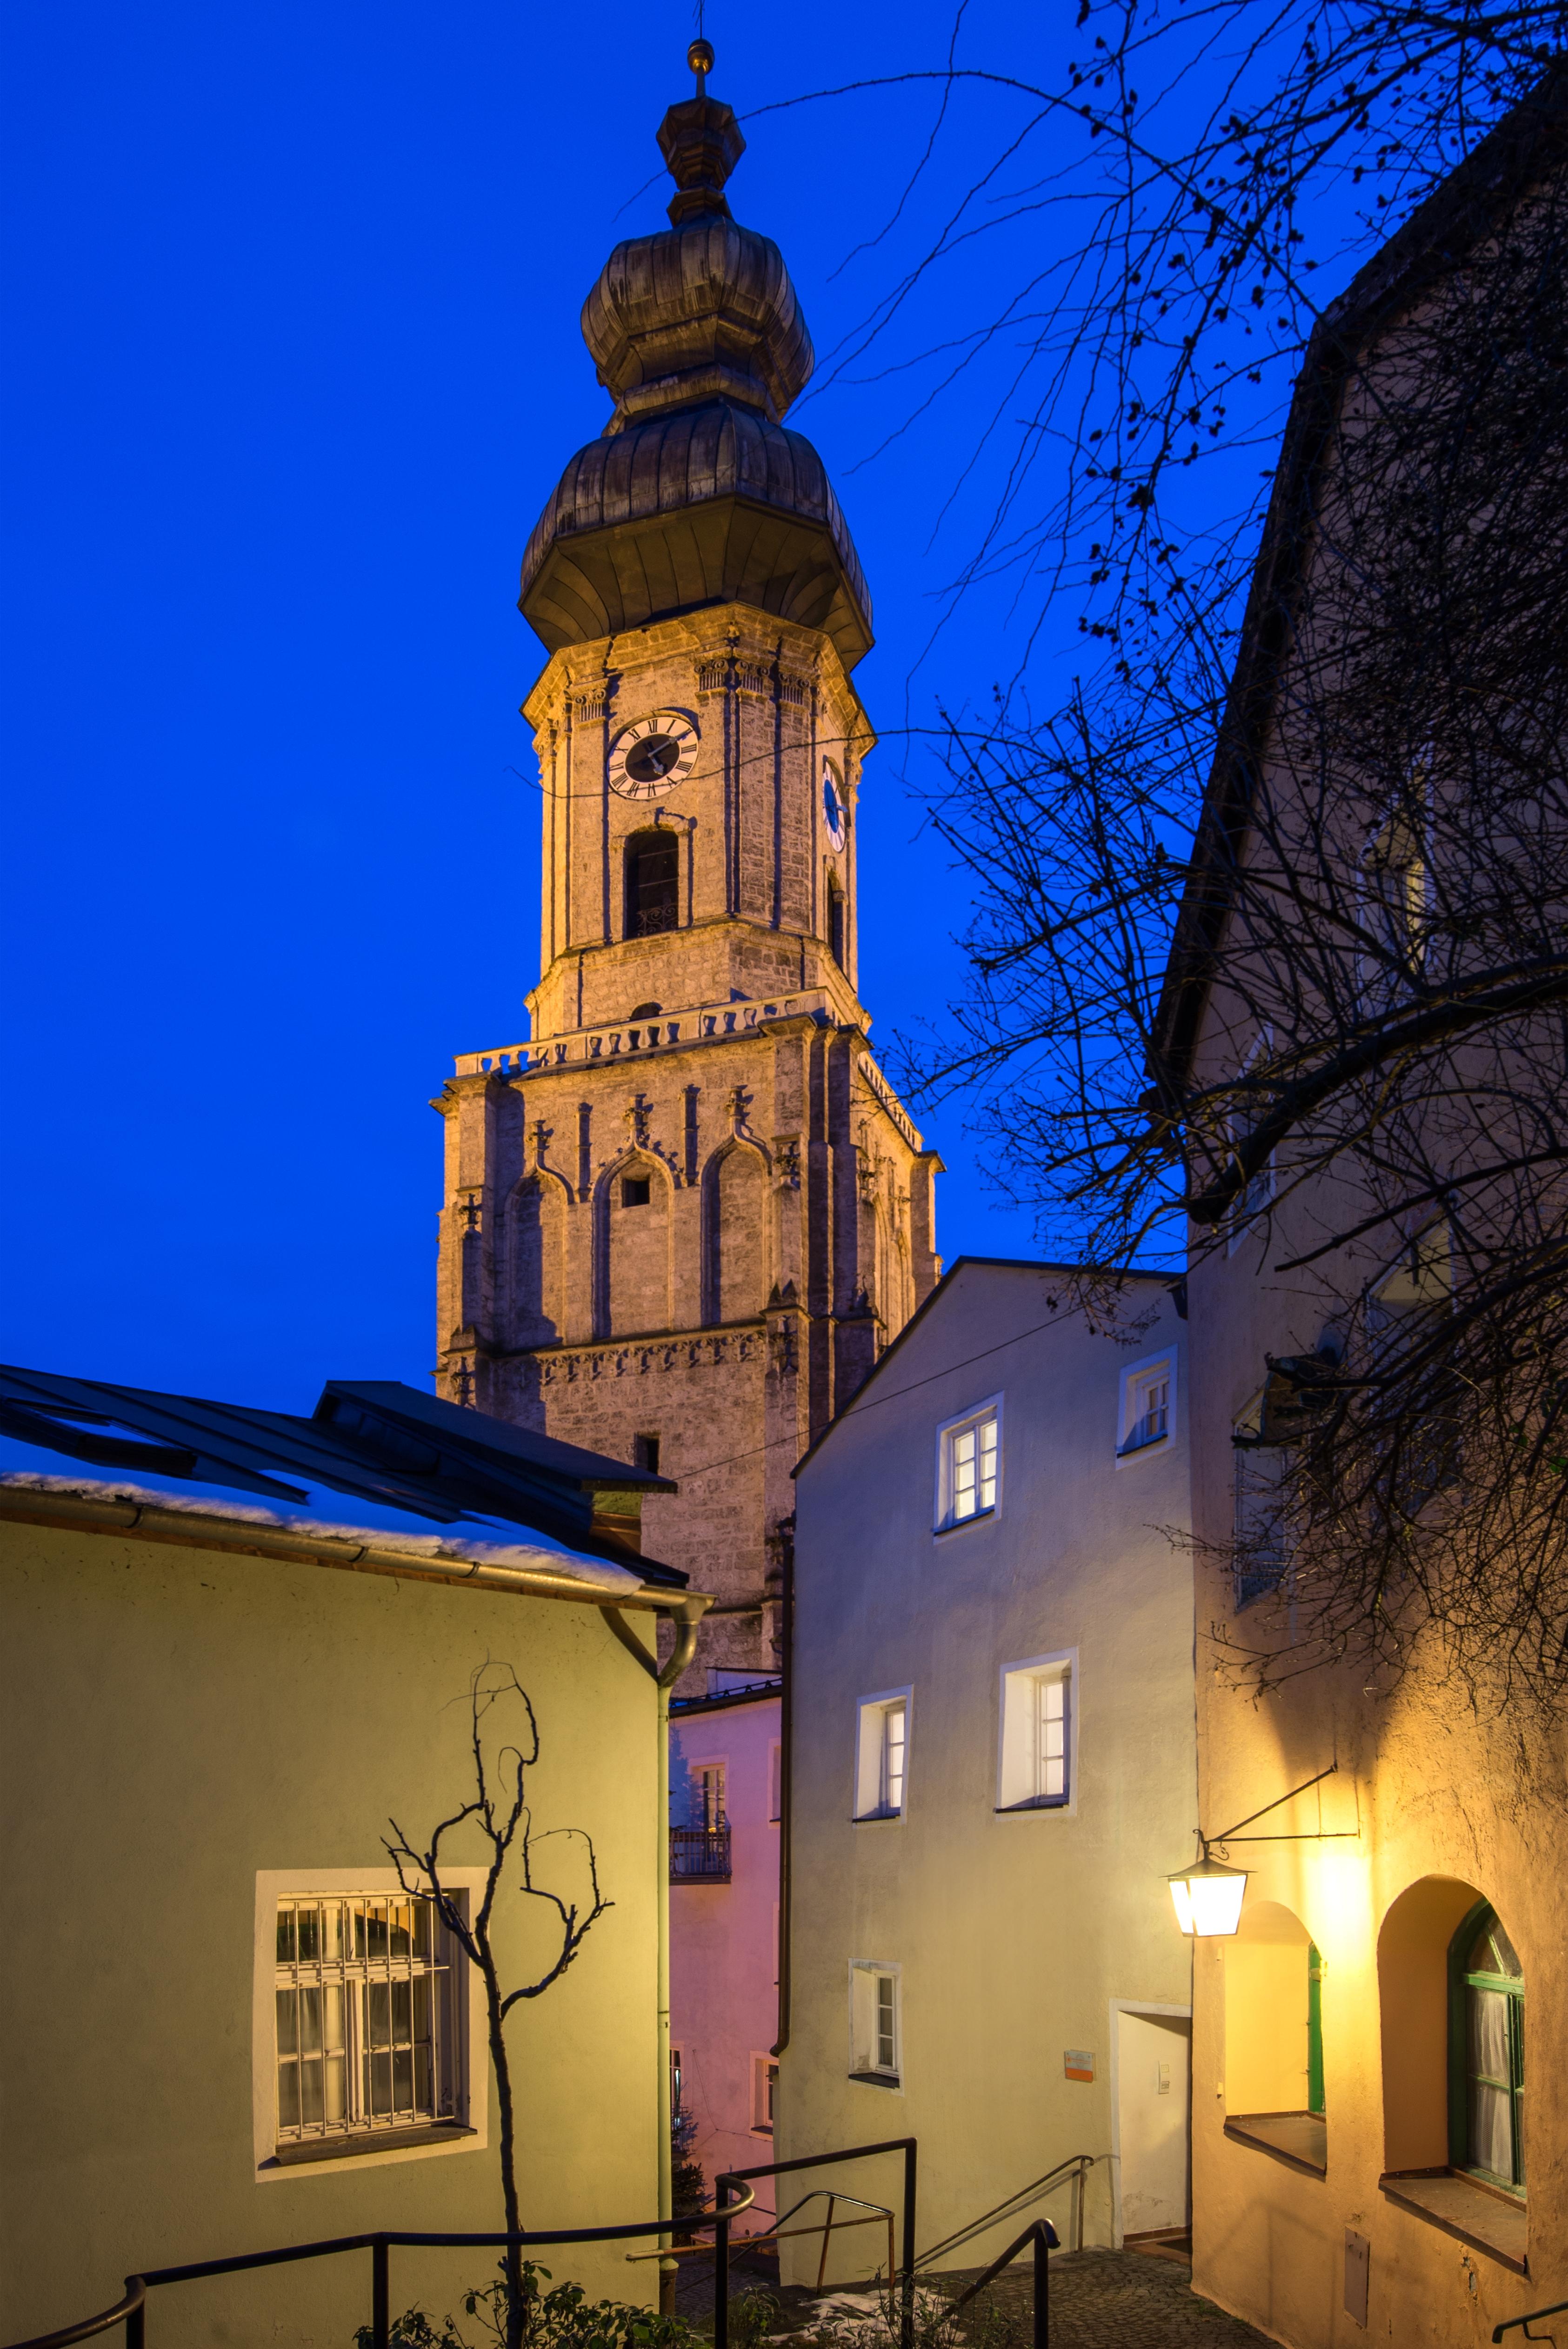 Hartdoblers Wohnhaus und Stadtpfarrkirche Burghausenc Stadt Burghausen Fotografin Kathrin Gollackner 2